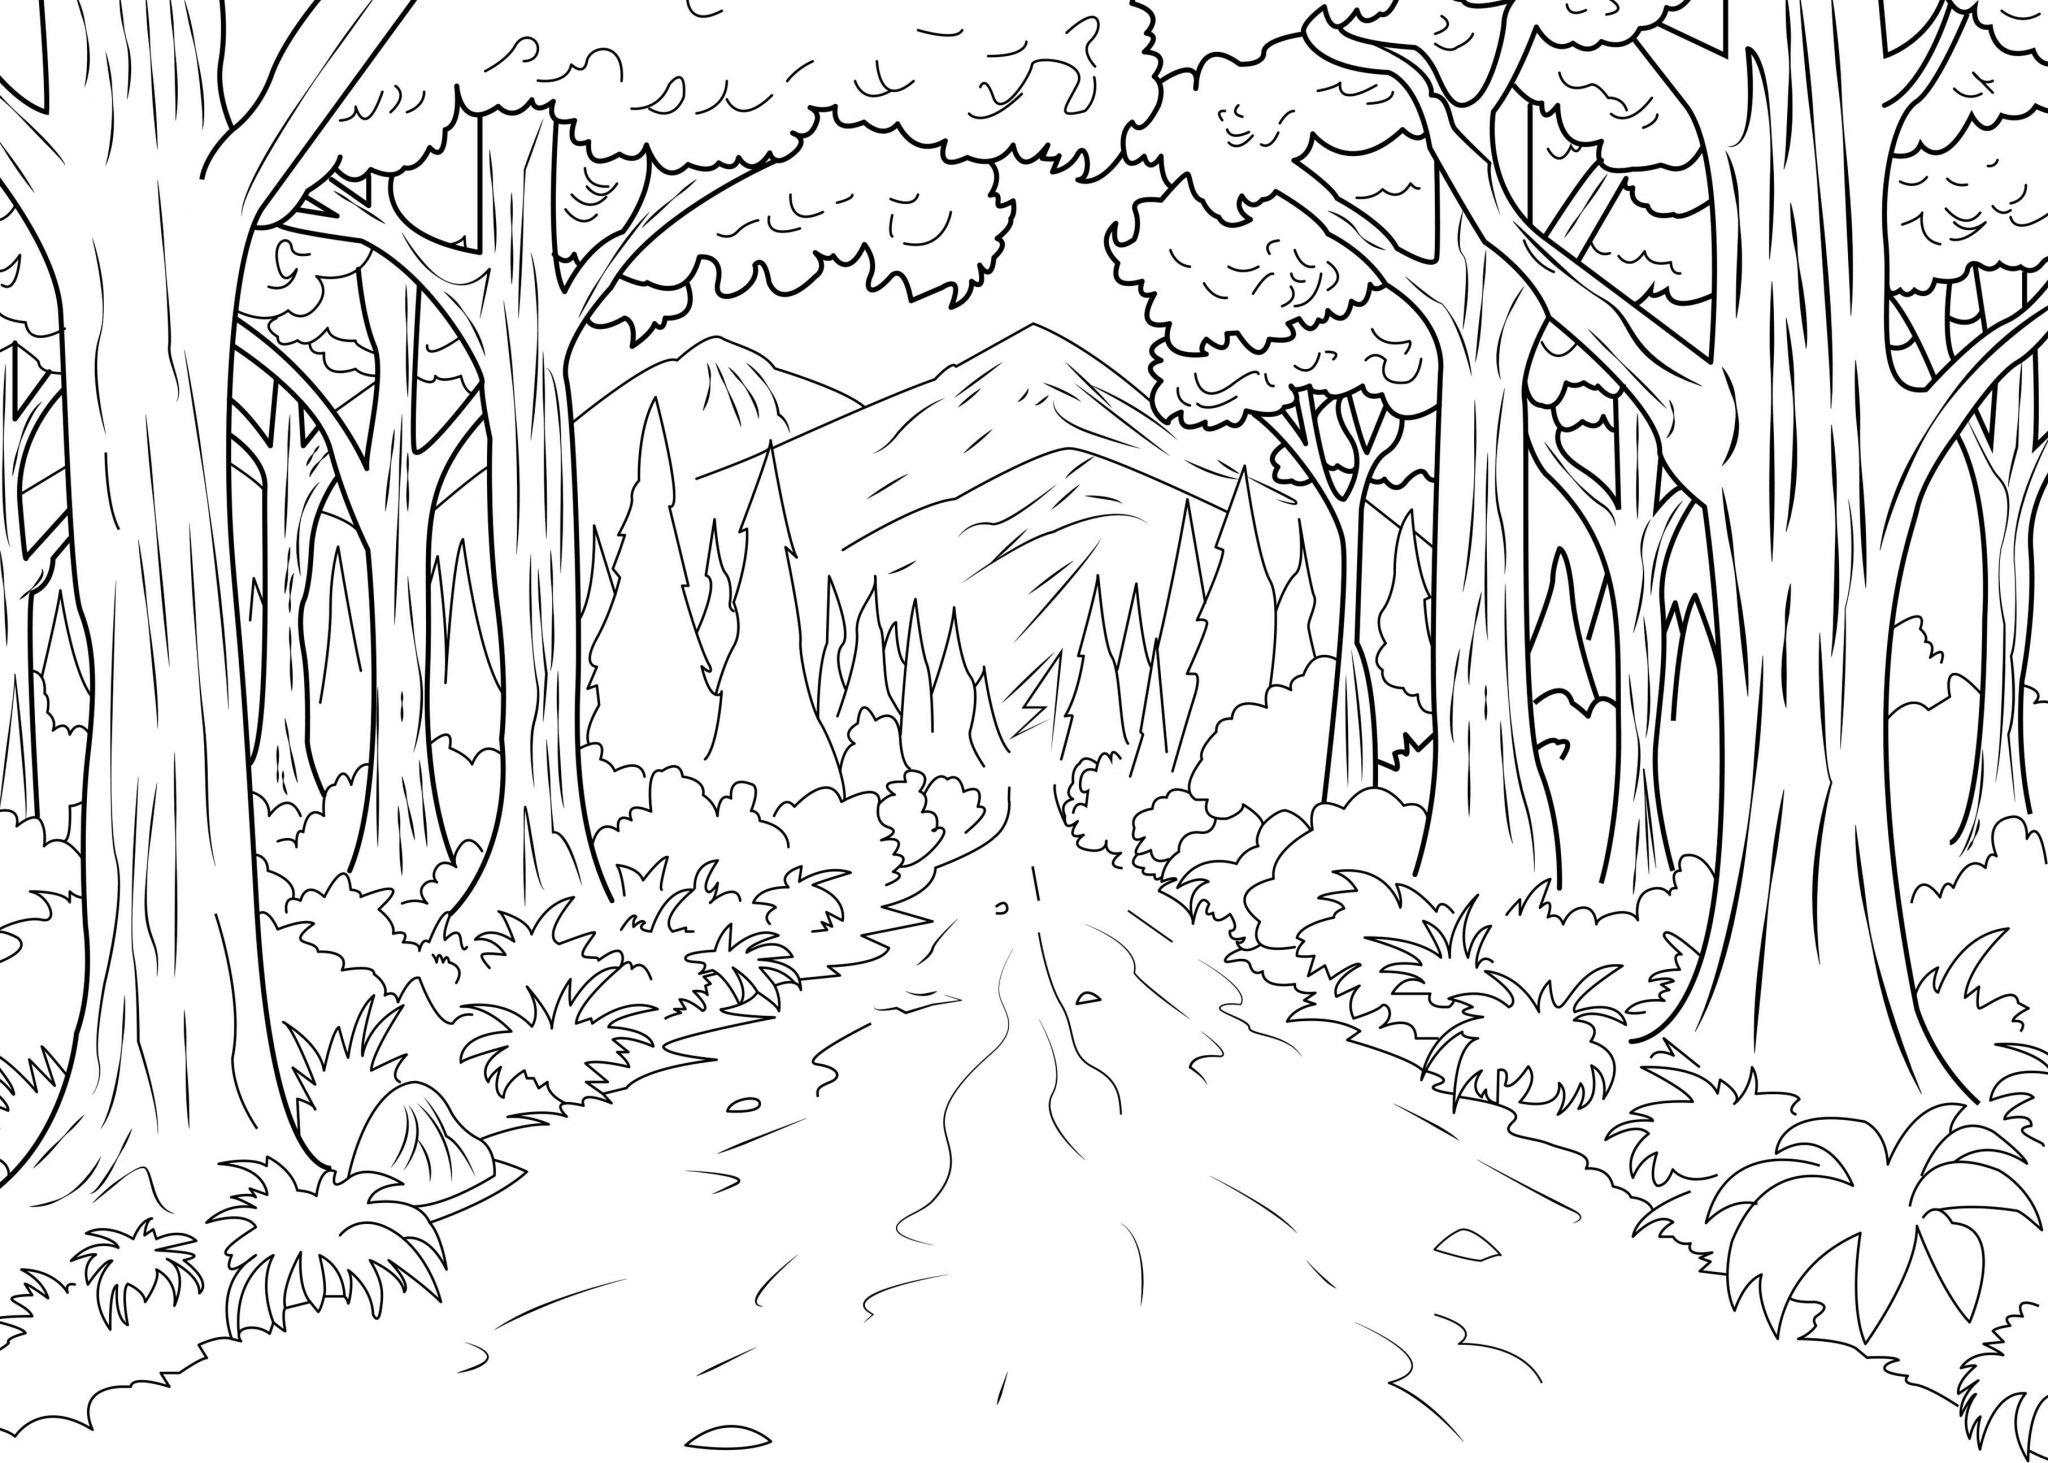 Gambar Mewarnai Pemandangan Hutan Anak Tk Paud Dan Sd